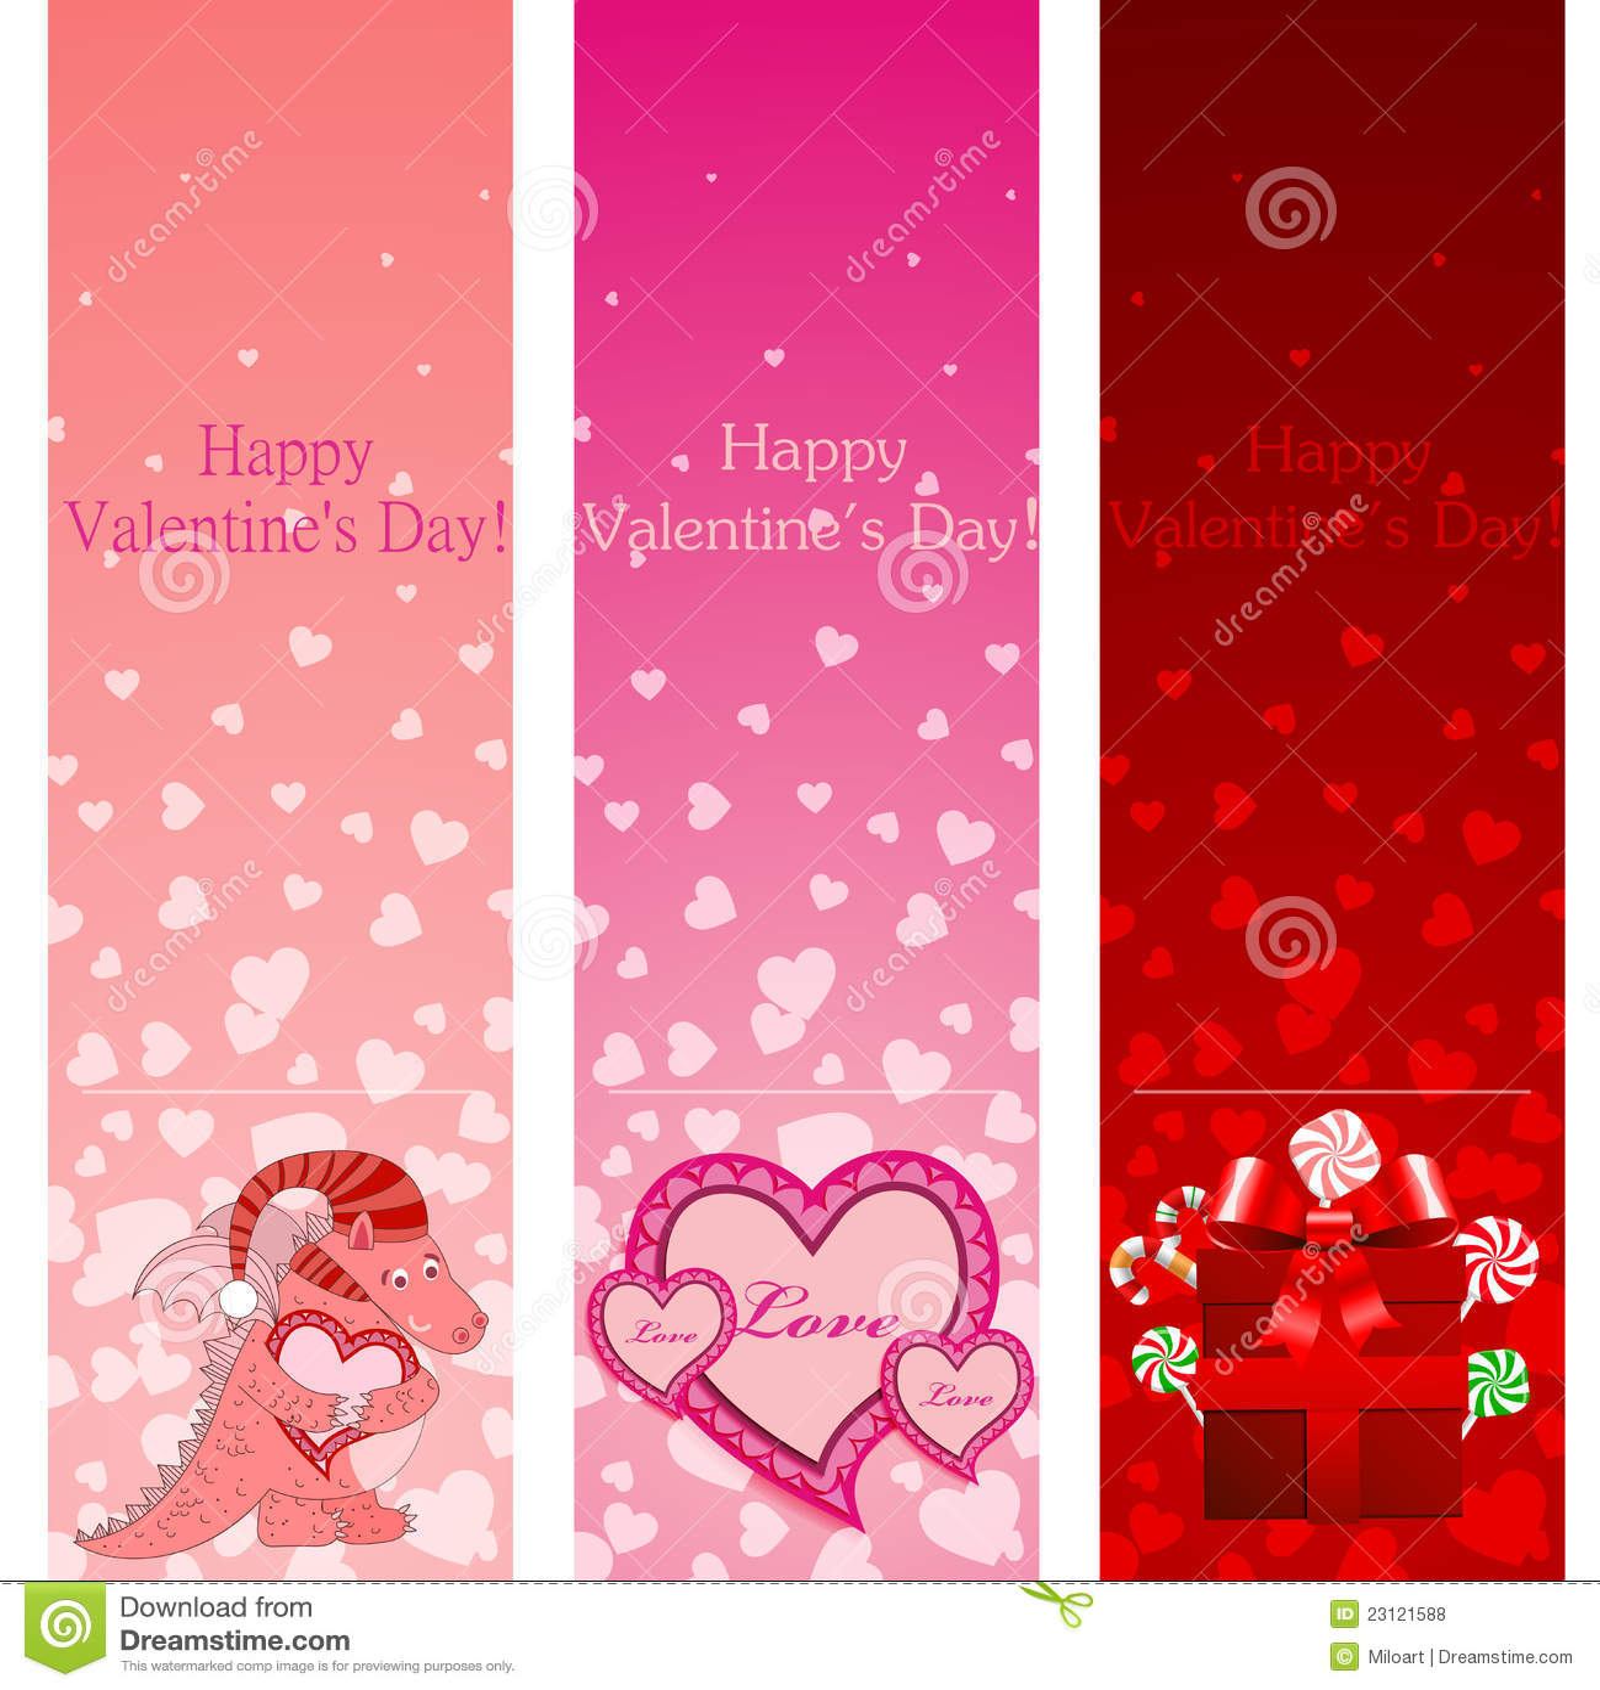 Valentine's Day Pink V...W Letter Design